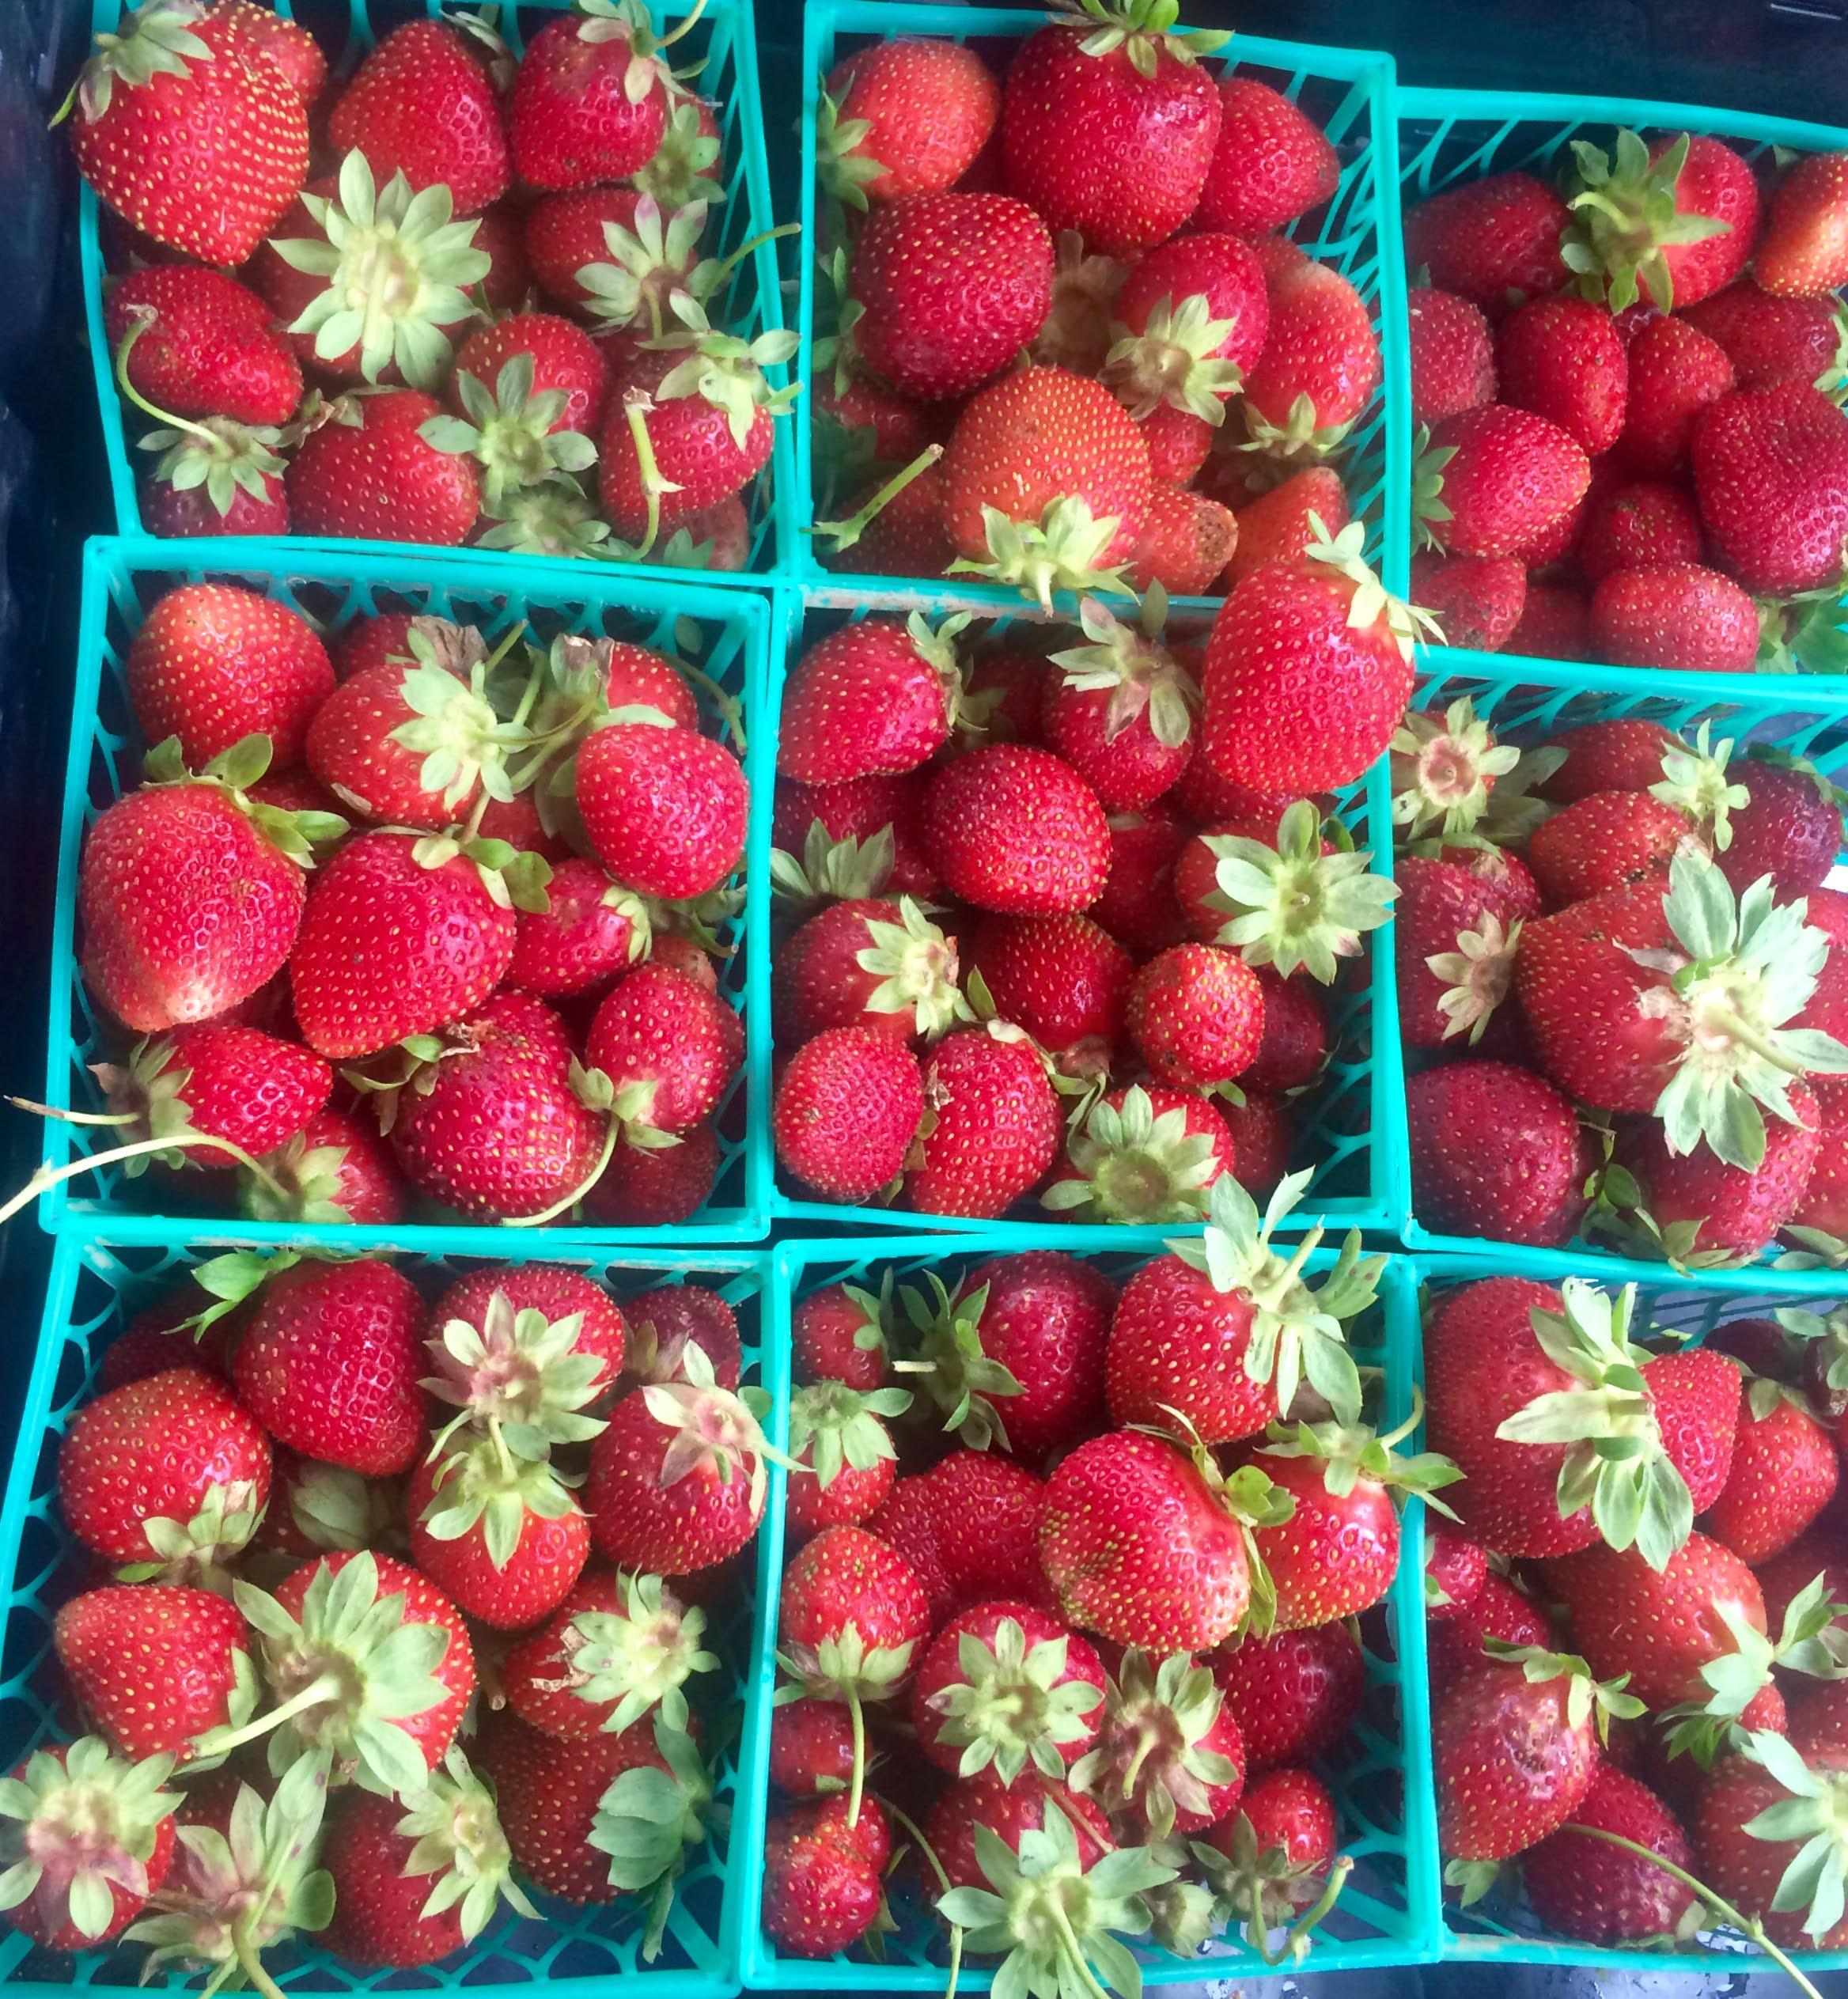 strawberriestwo.jpg